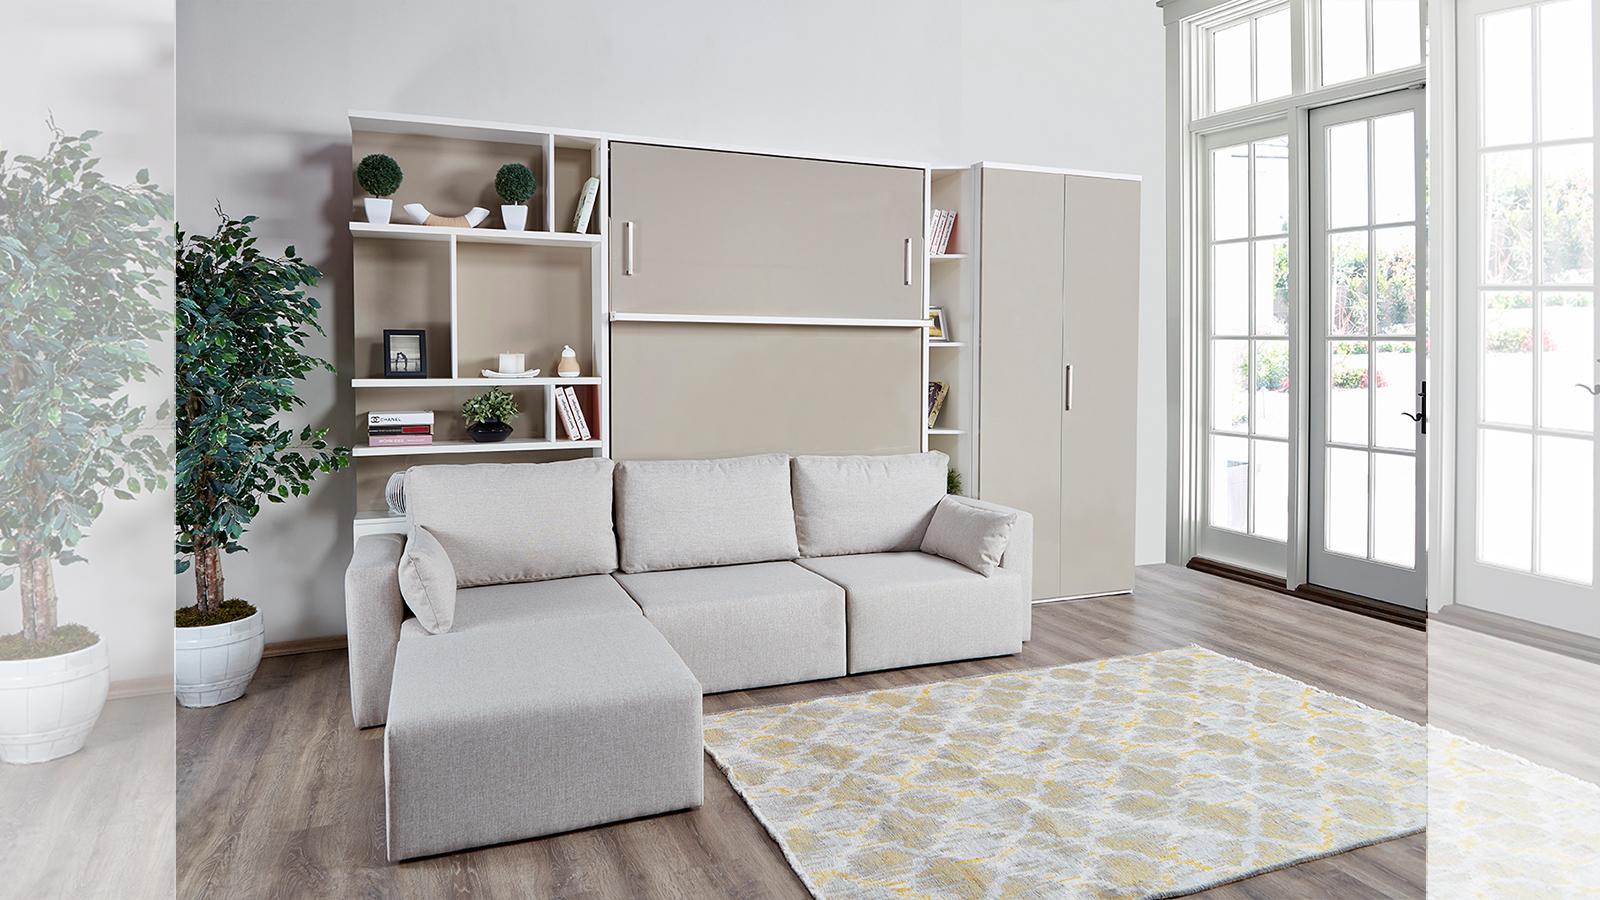 Multimo Schlafzimmer Set Royals mit Sofa & Schrankbett